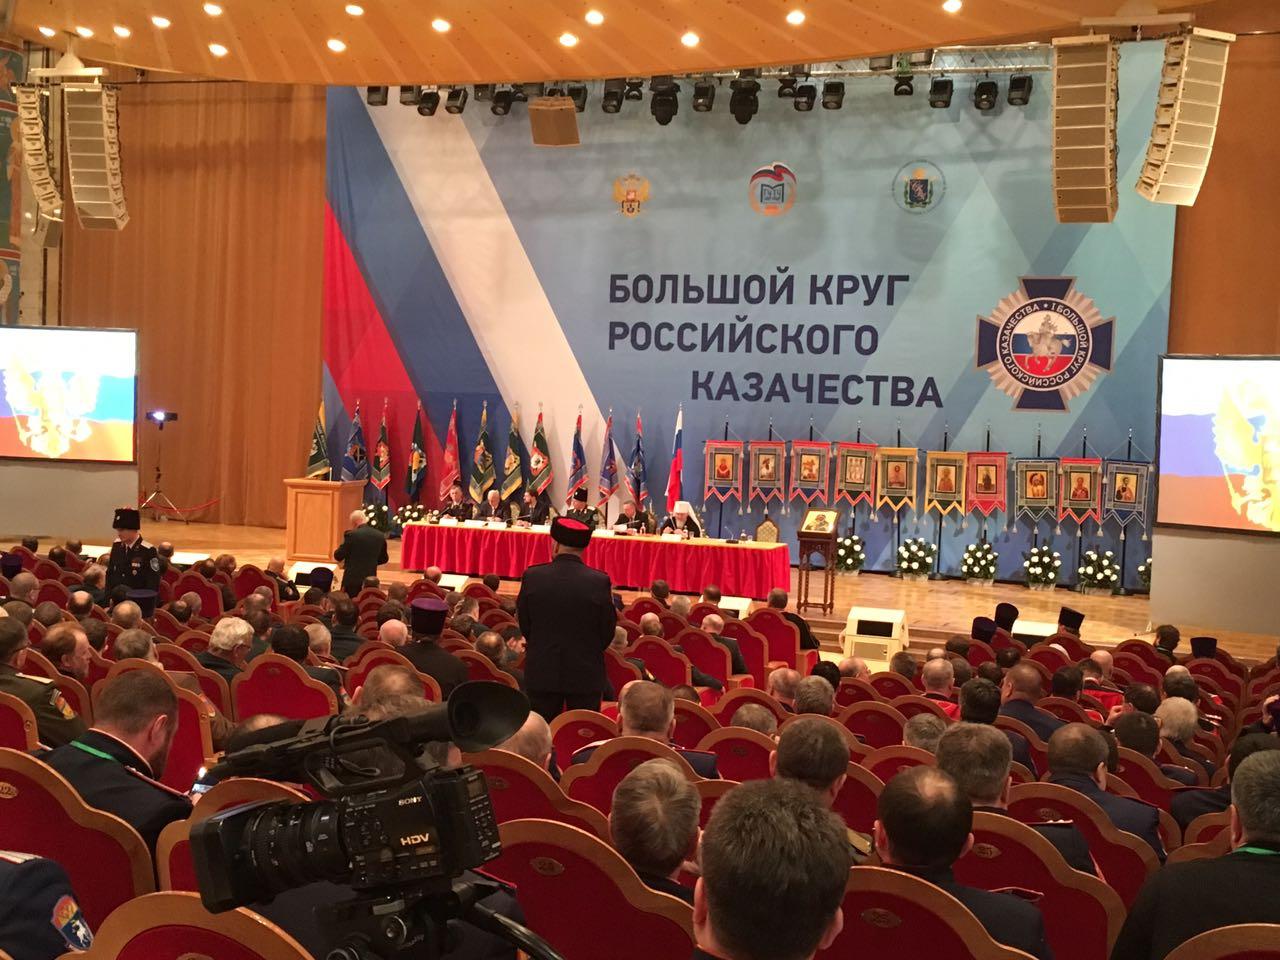 Ставропольские казаки едут наБольшой круг в столицу Российской Федерации